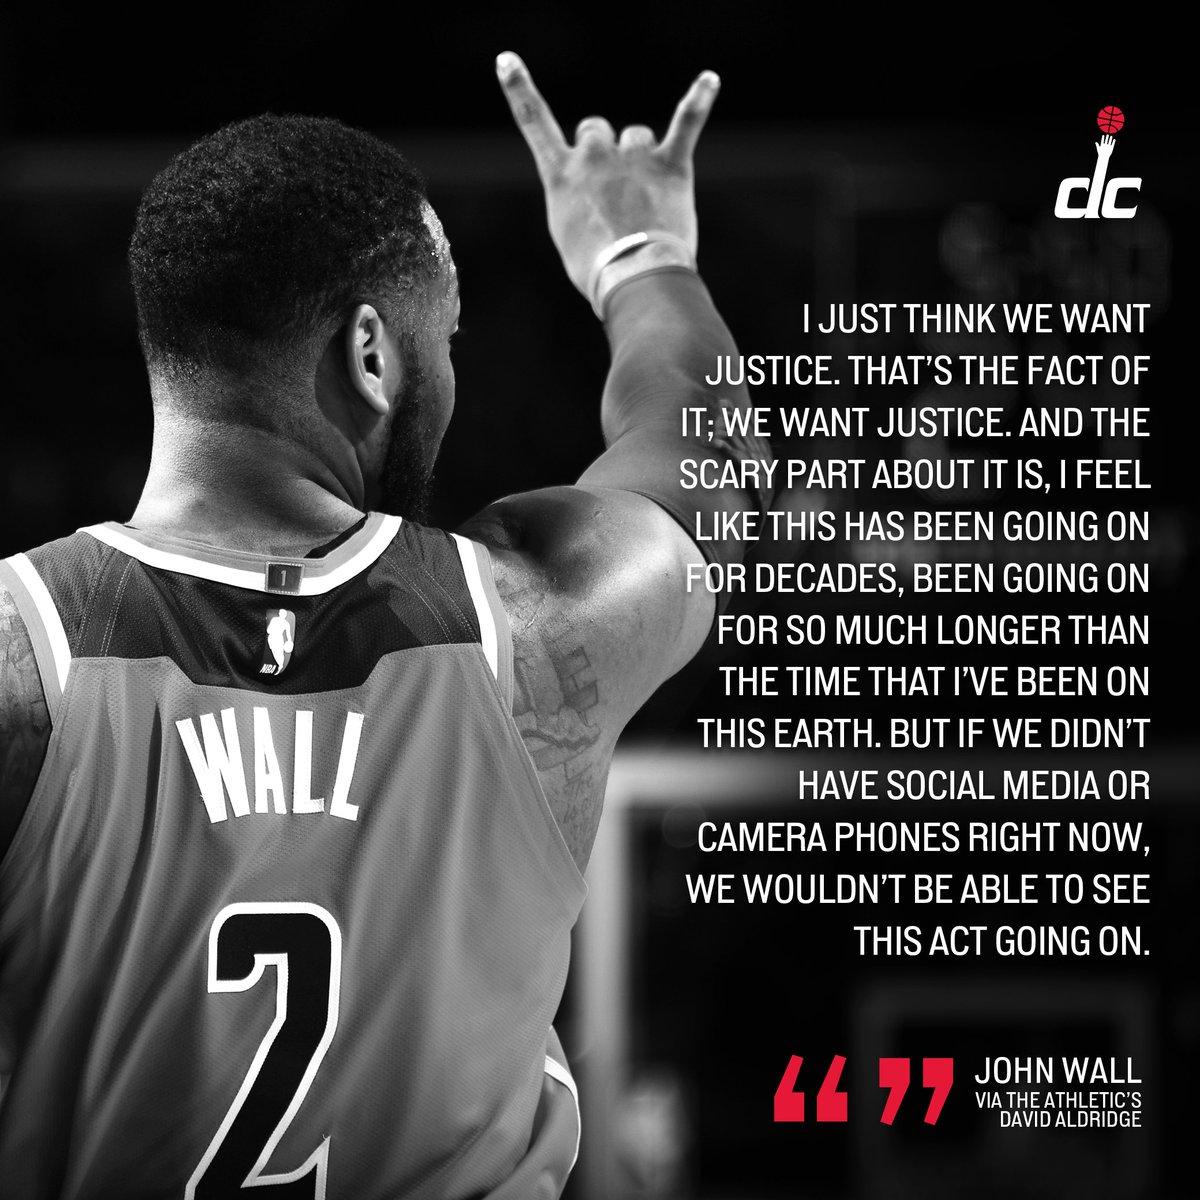 'We want justice.' - @JohnWall #BlackLivesMatter